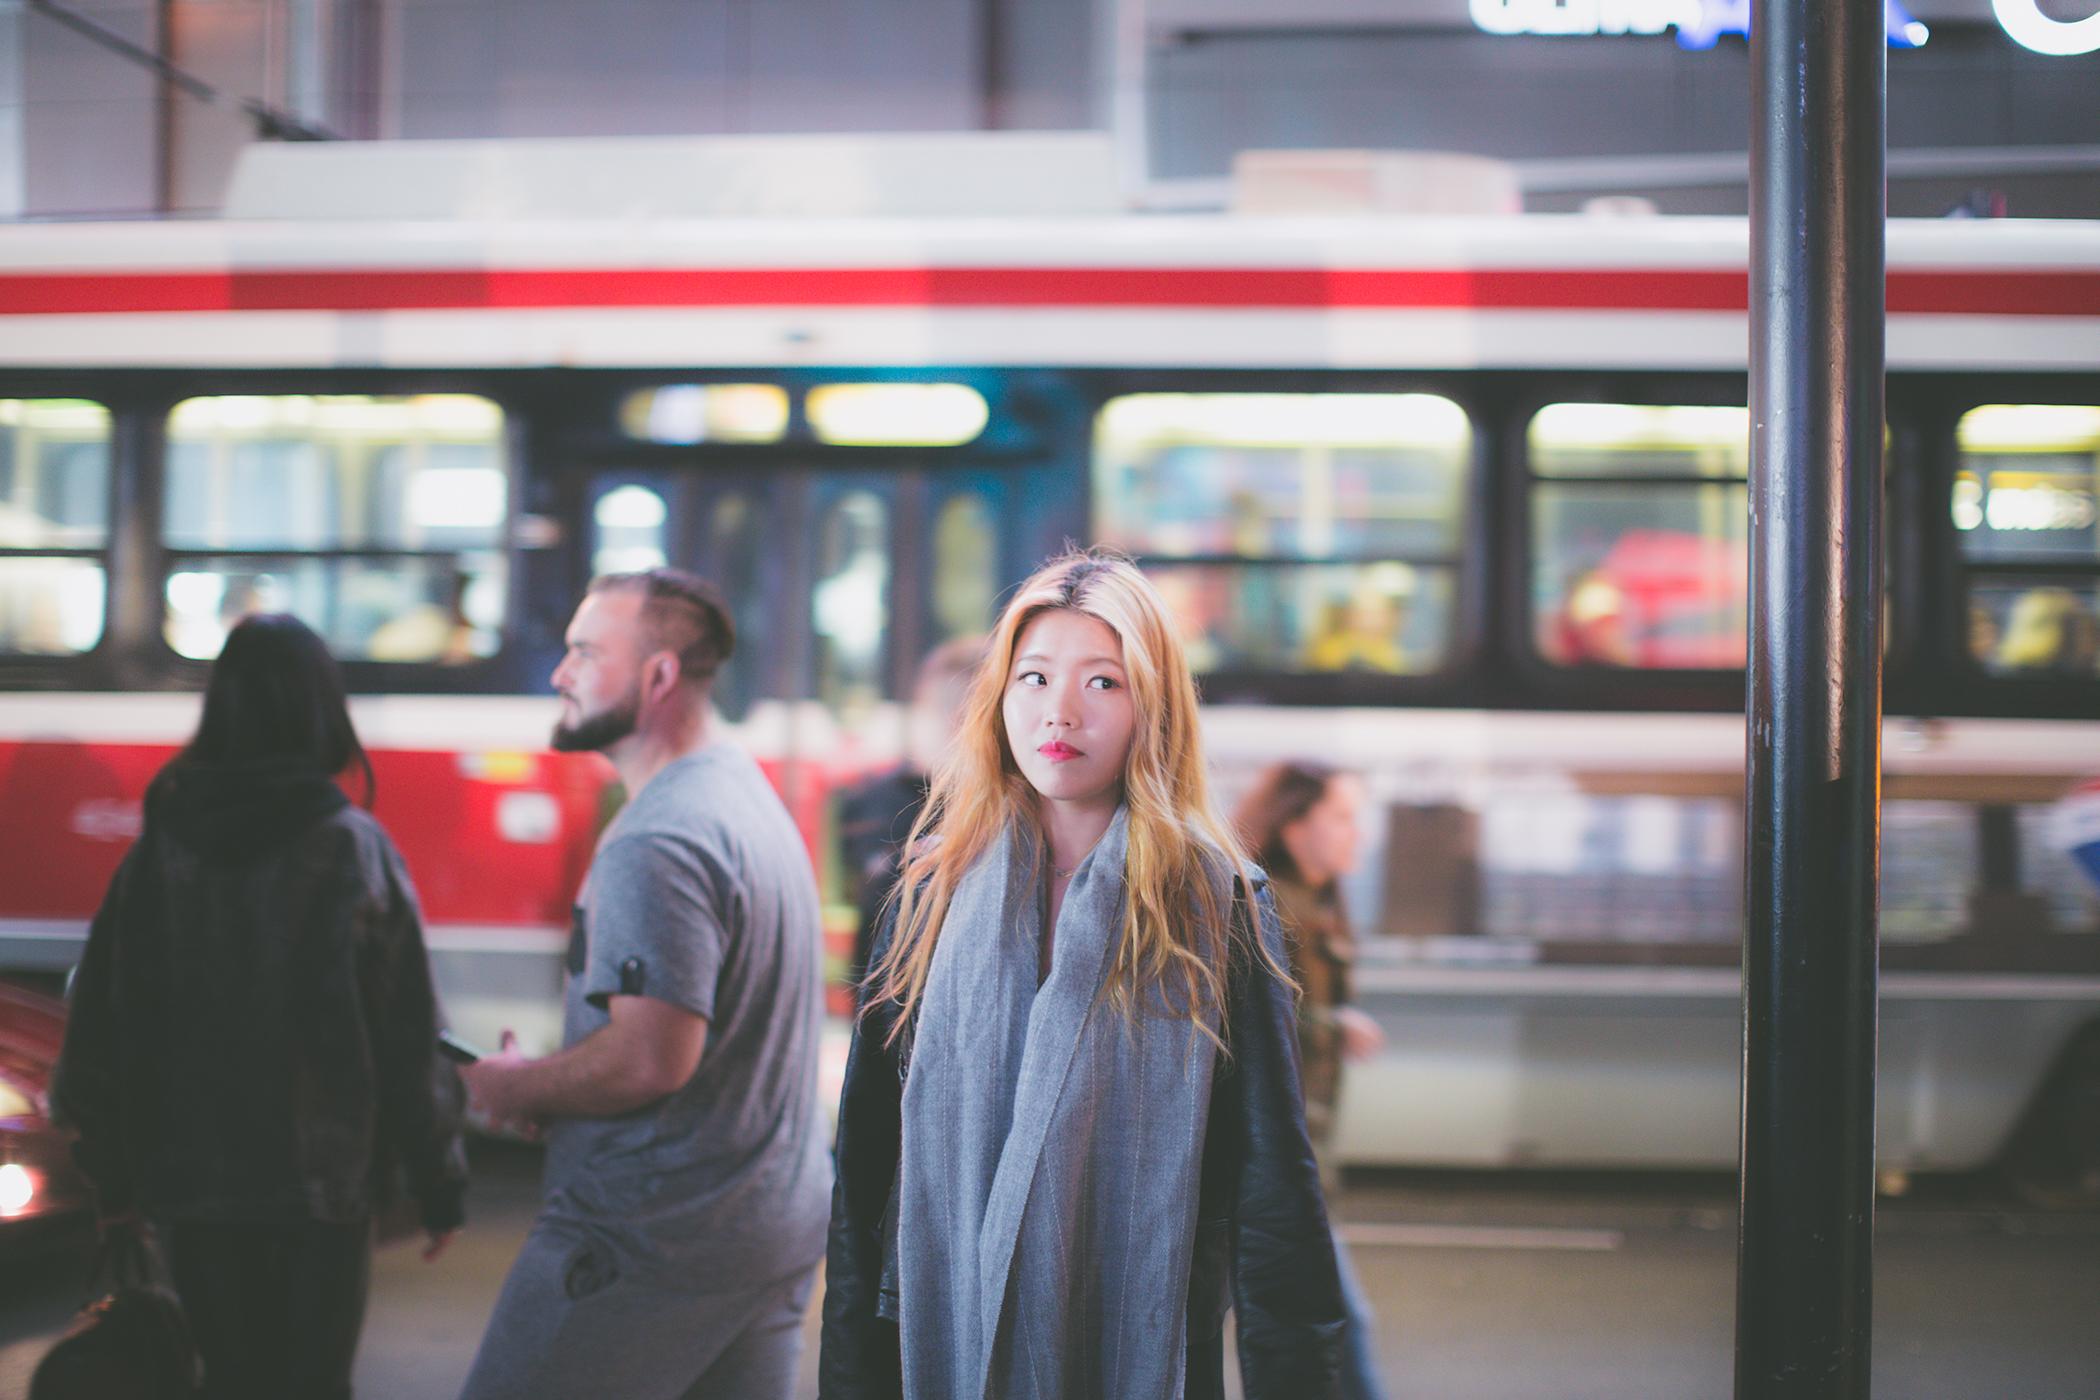 Sprazzi_Professional_Photography_Photographer_Toronto_Canada_Brian_Original_22.jpg